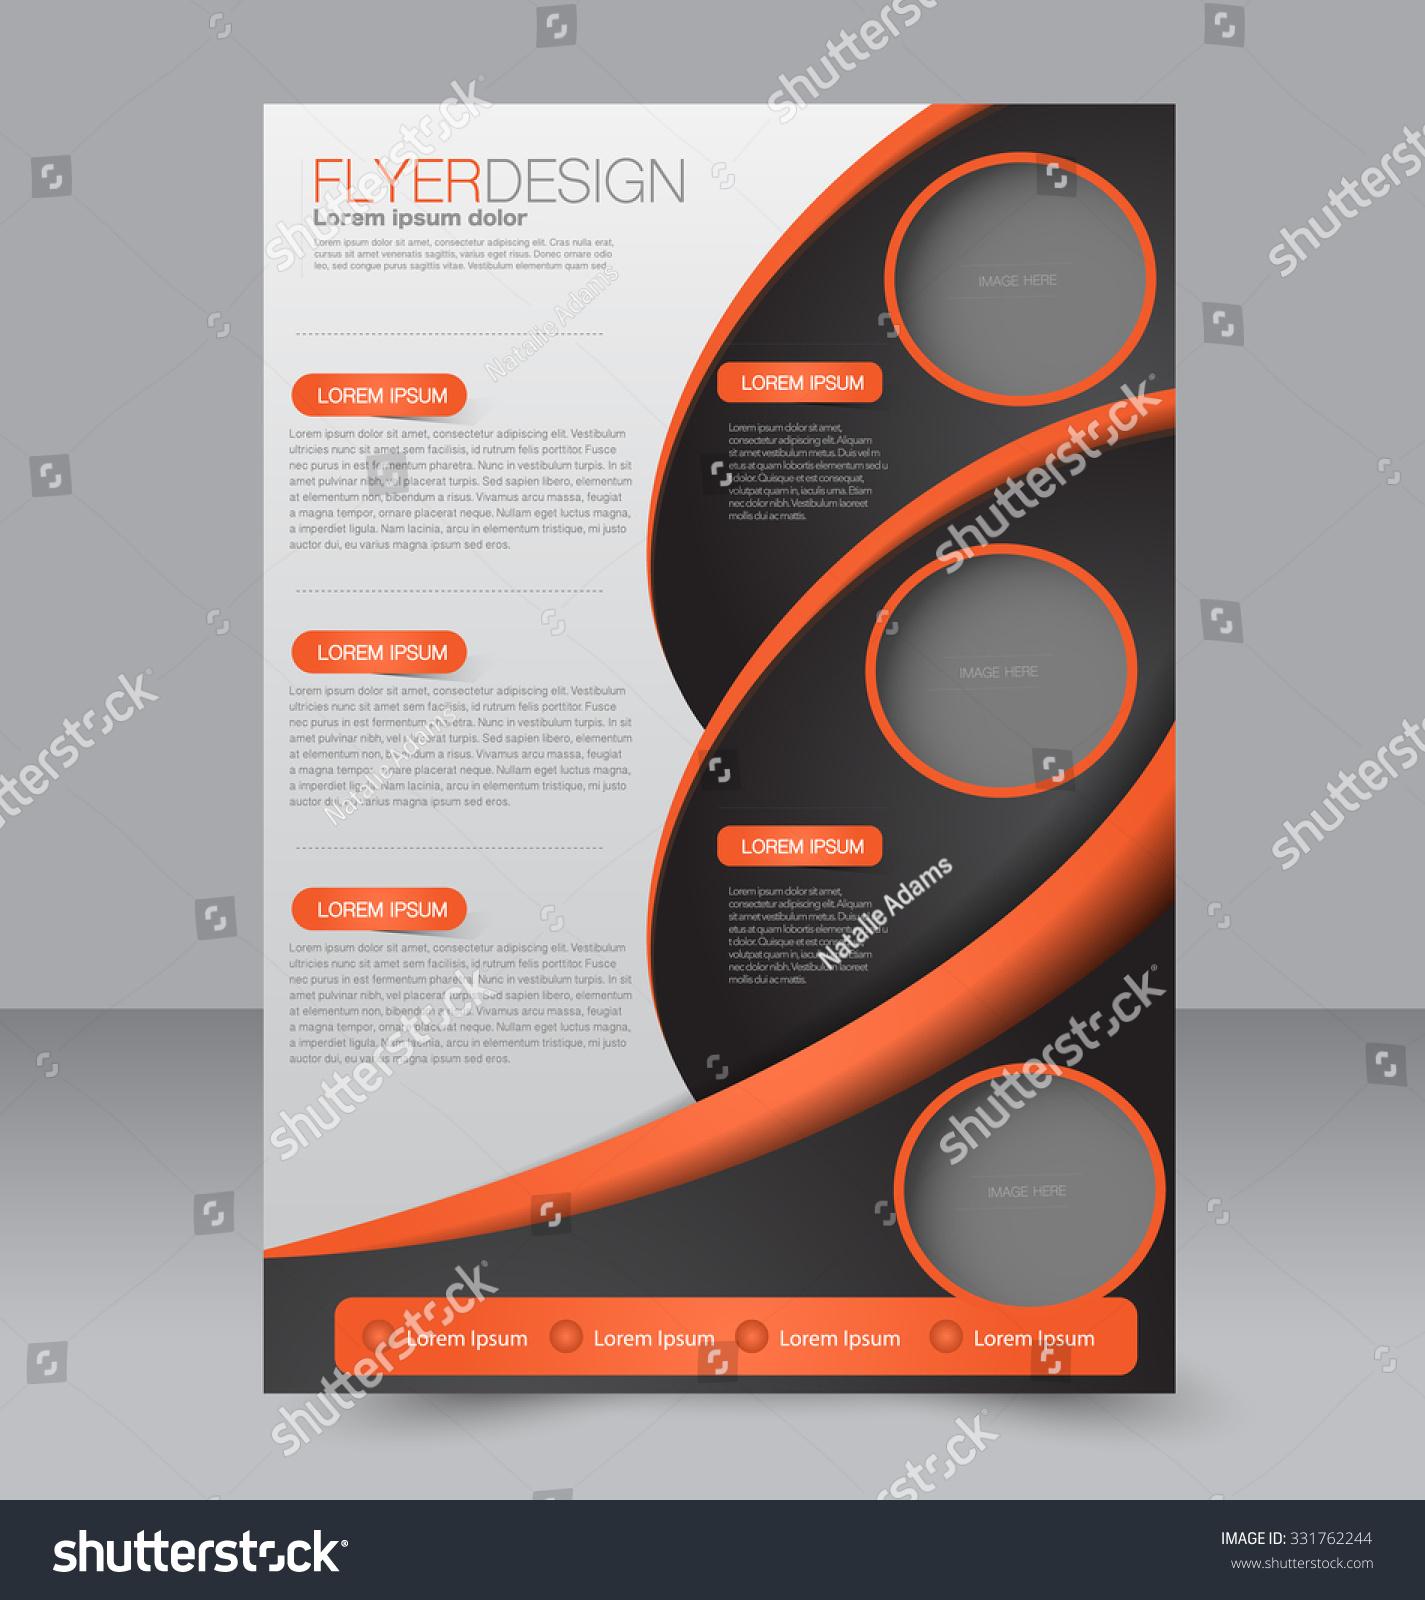 brochure design flyer template editable a4 stock vector